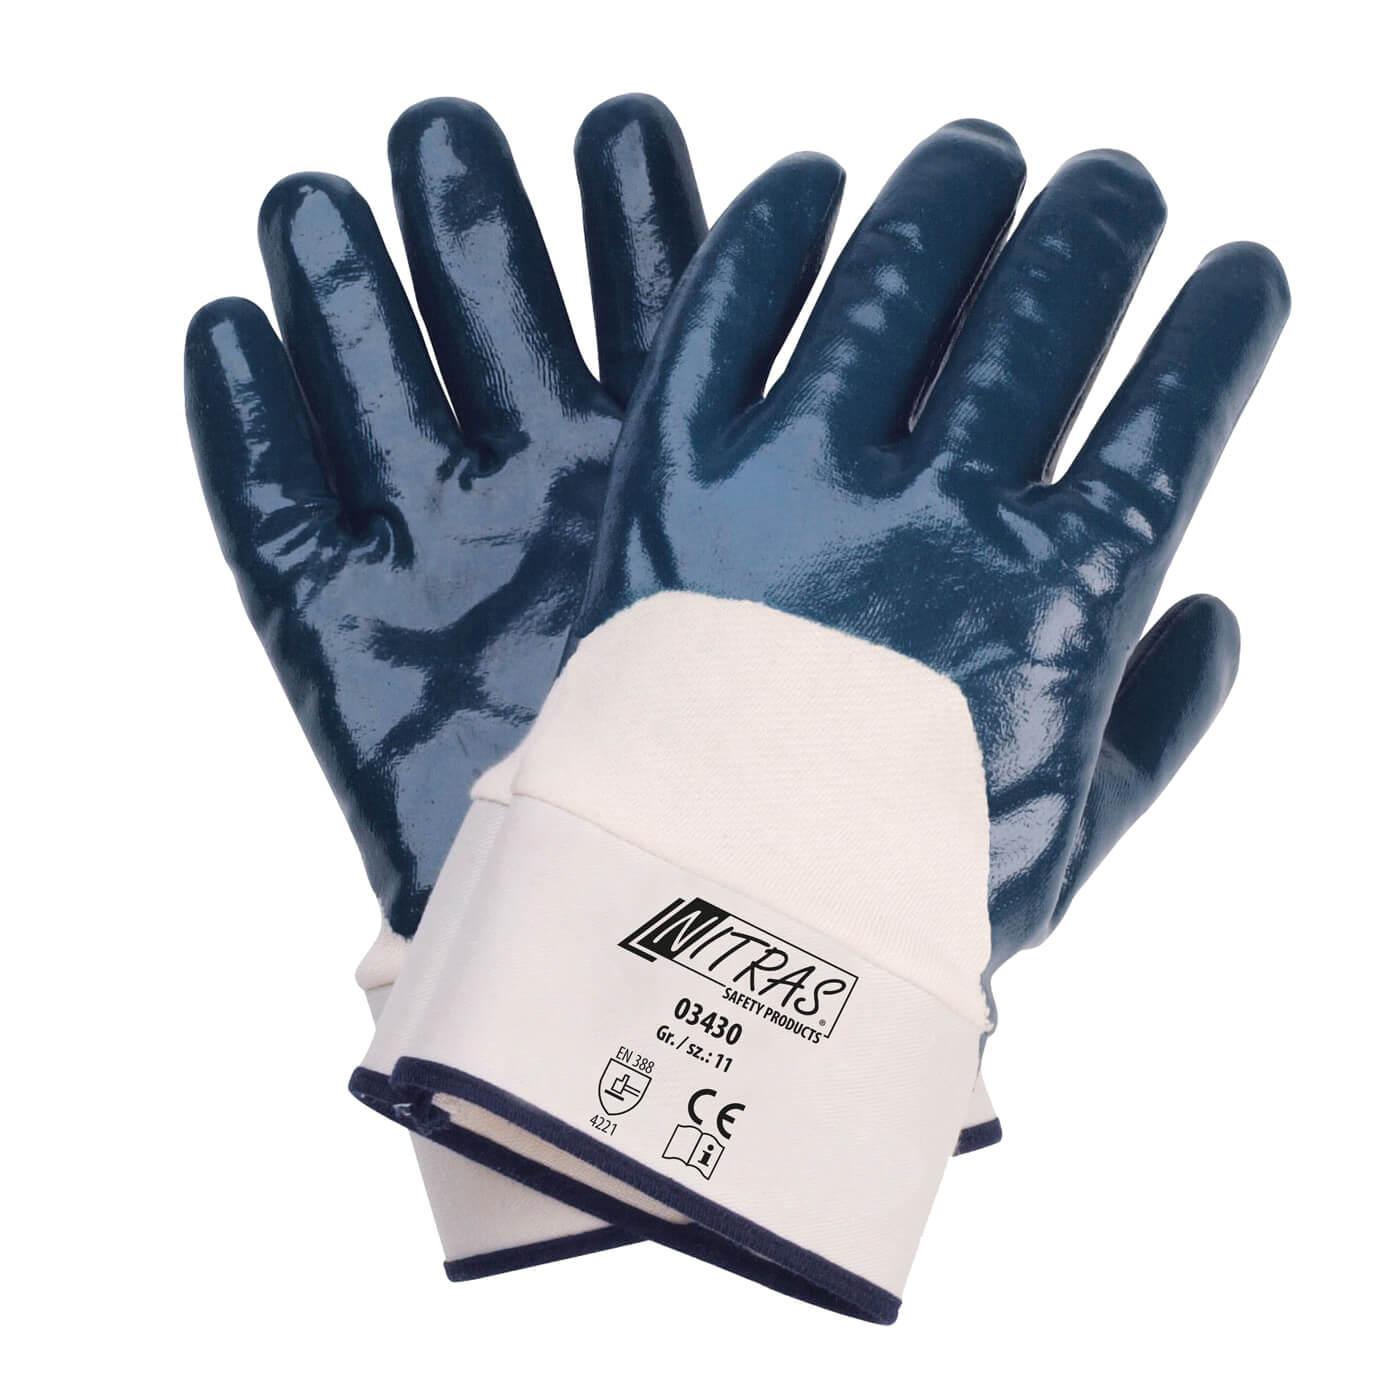 Rękawice nitrylowe Nitras 03430